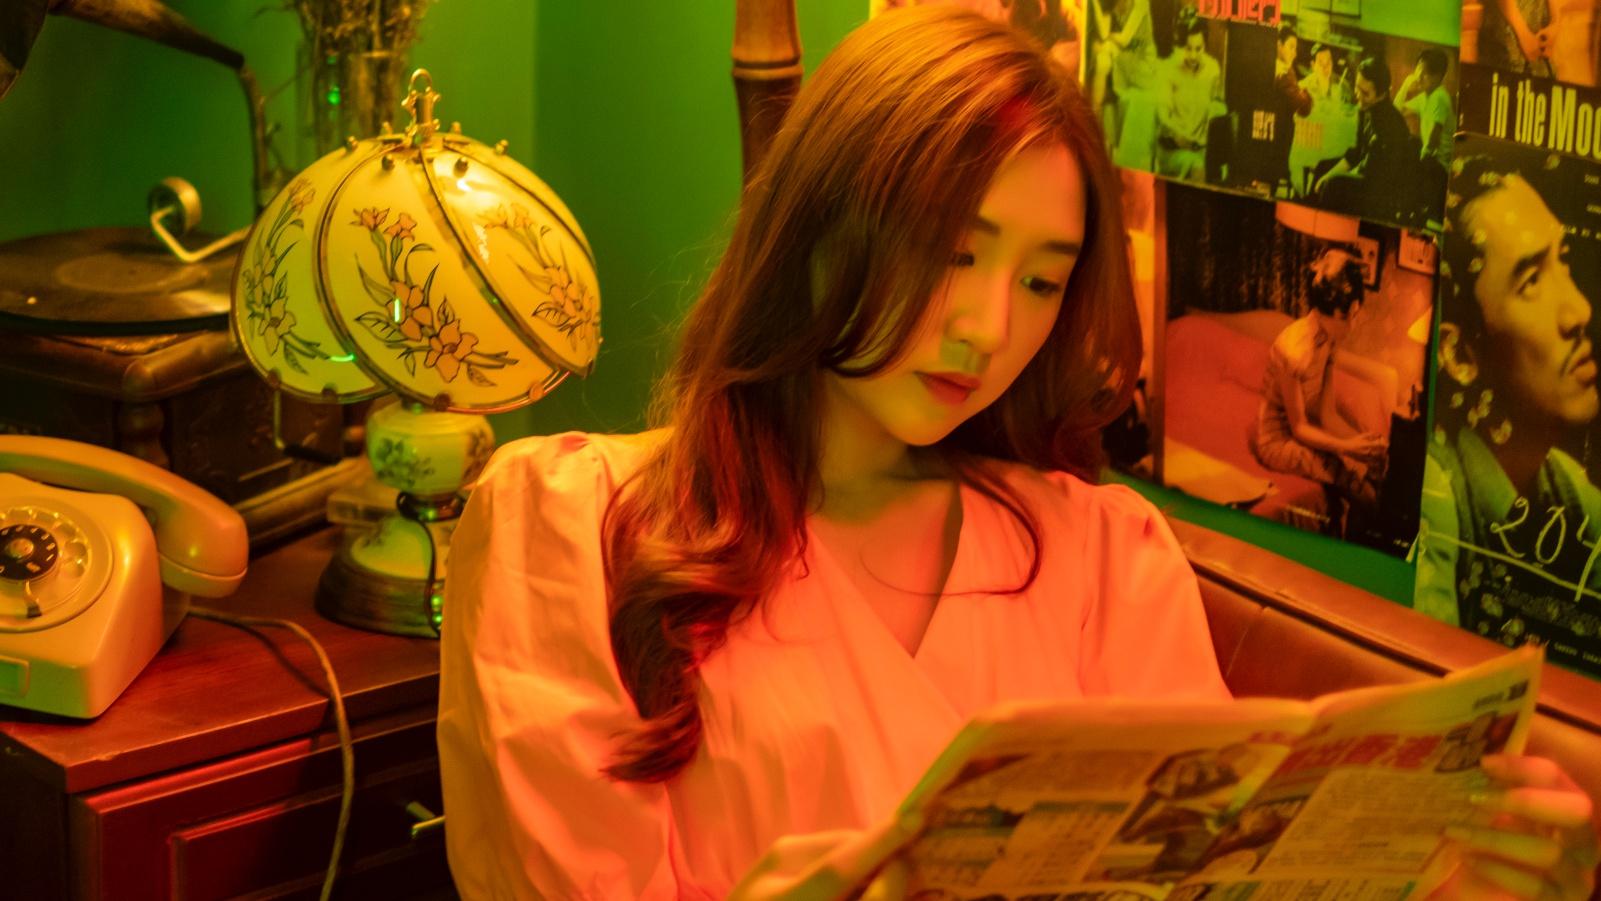 Jin Ju ra mắt ca khúc mới Em lỡ yêu sai anh, phát hành tại Việt Nam và Hàn Quốc